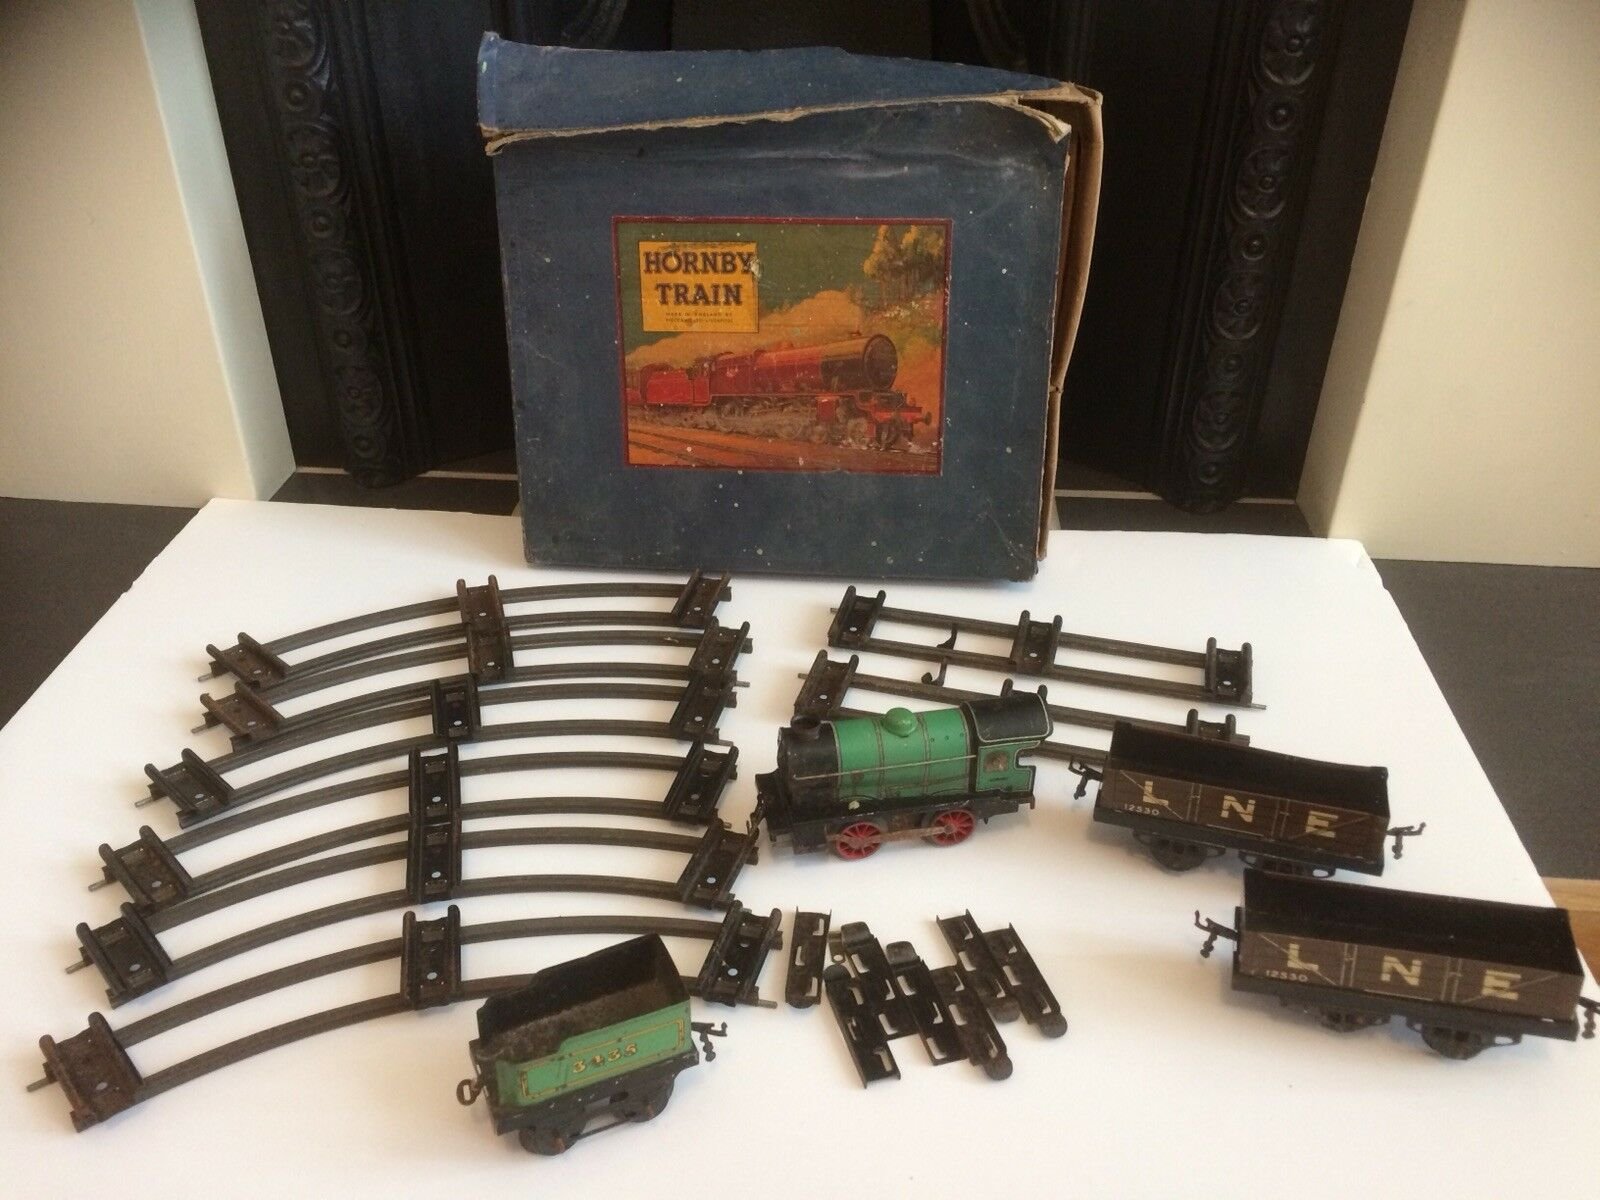 Hornby Meccano O Gauge LNE Clockwork Vintage Train Set